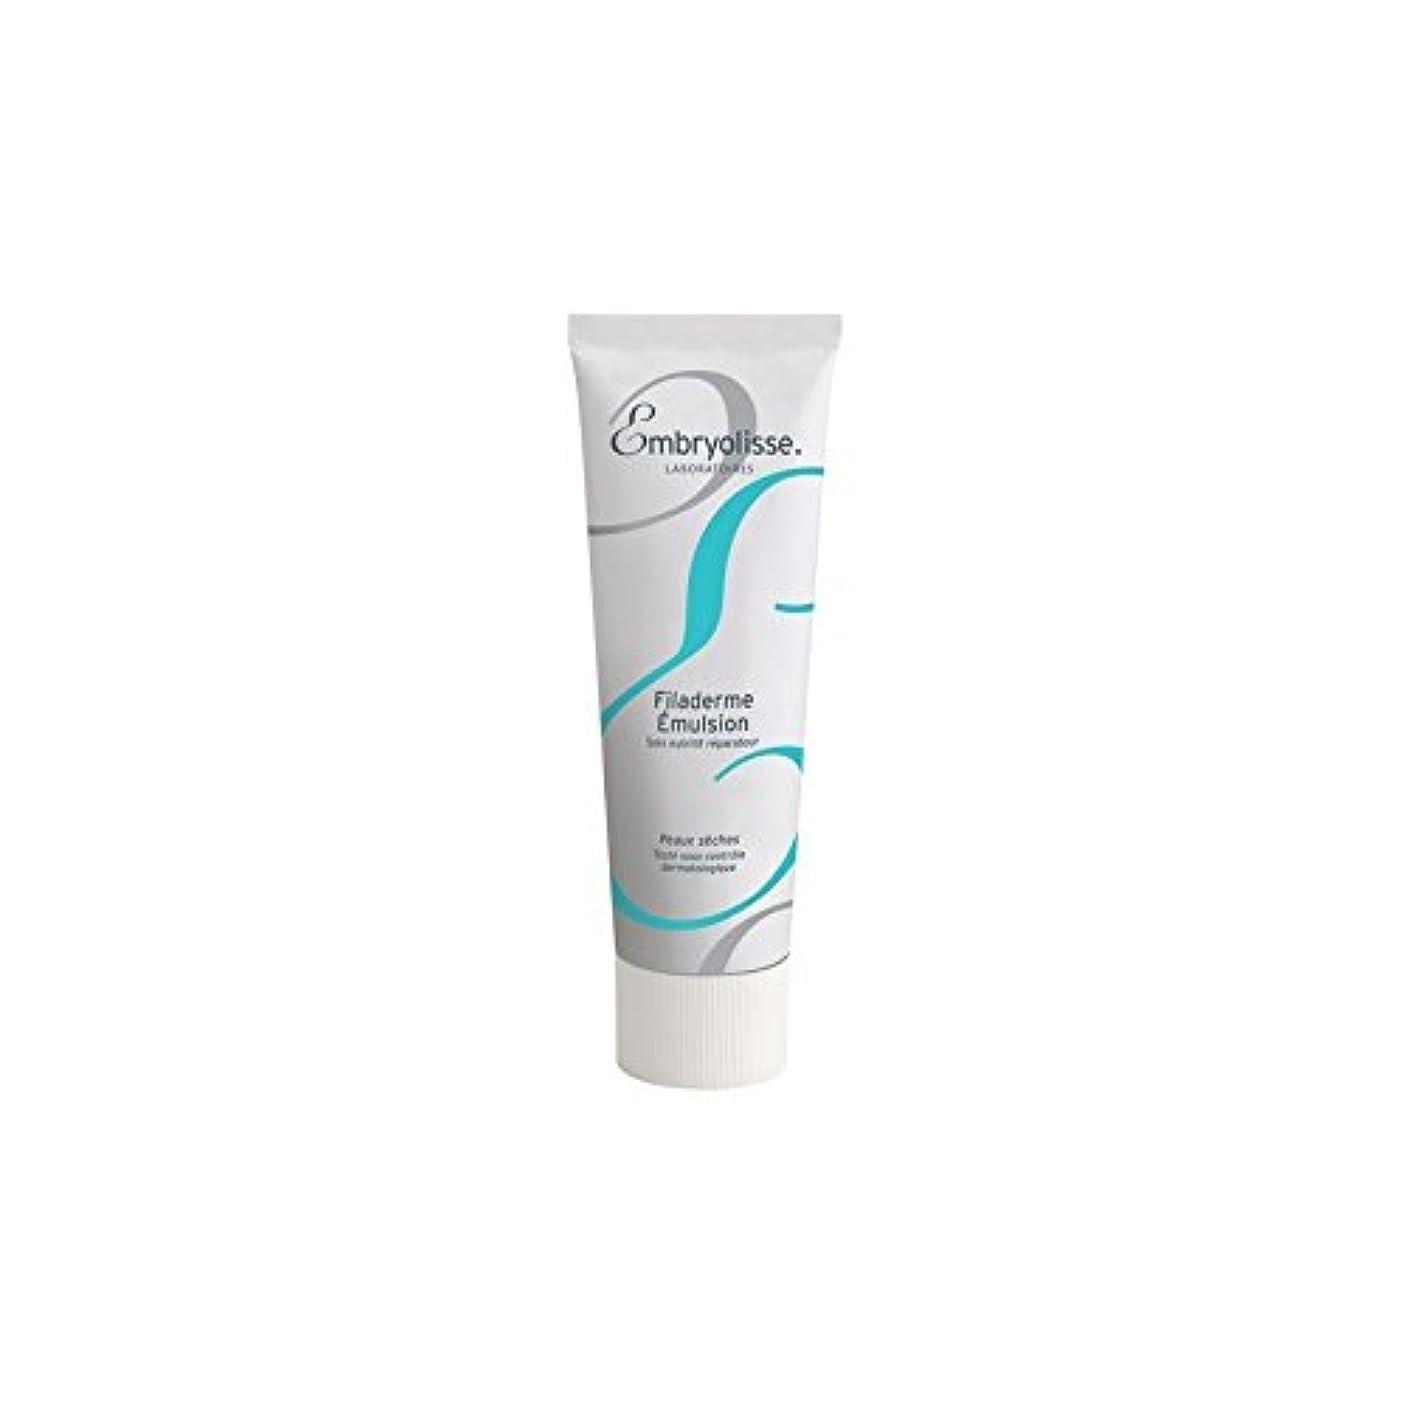 ポジションベルベット抽出Embryolisse Filaderme Emulsion (75ml) - エマルジョン(75ミリリットル) [並行輸入品]